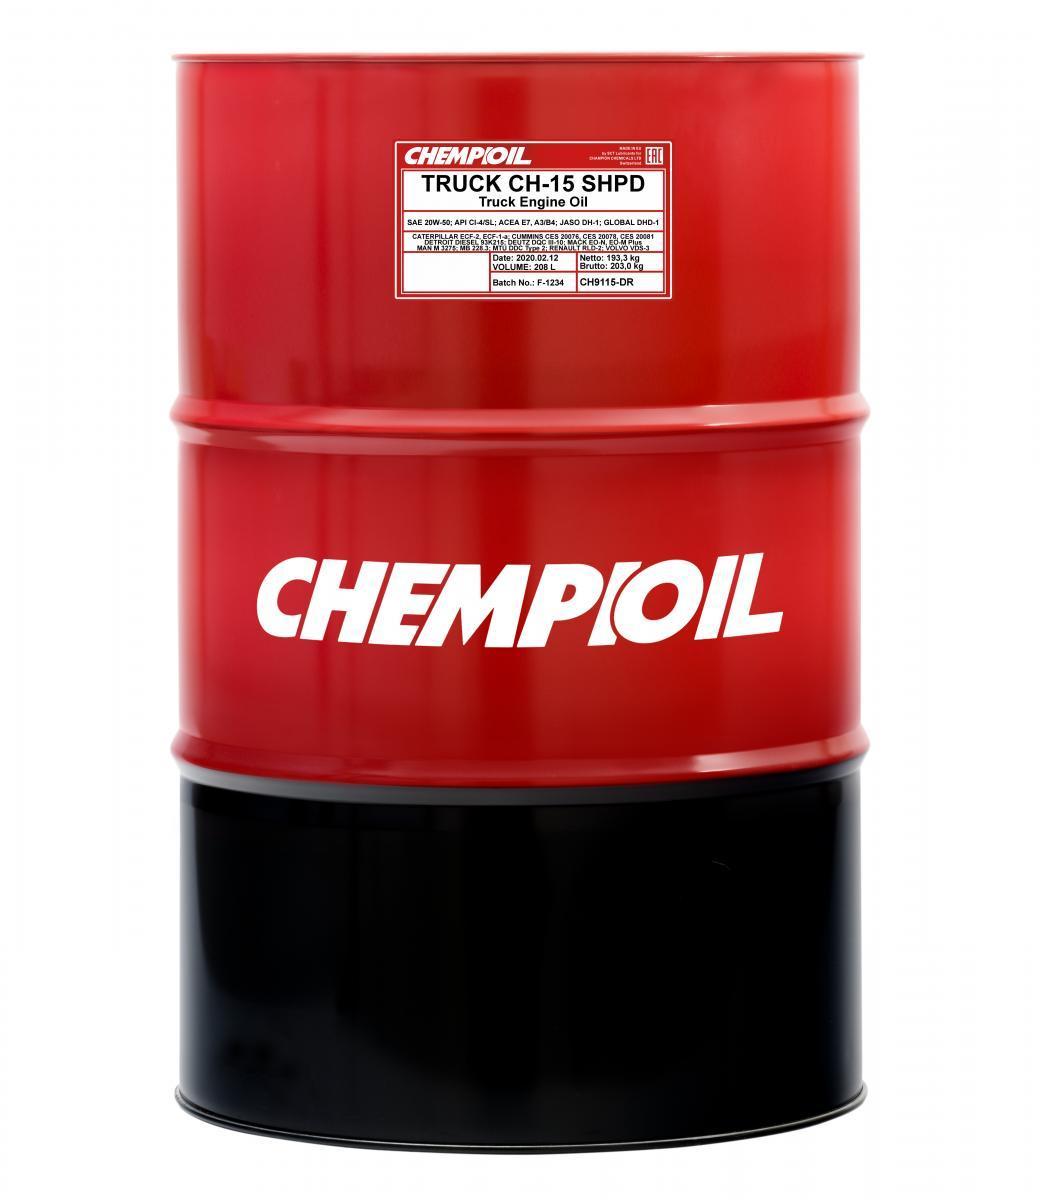 CH9115-DR CHEMPIOIL TRUCK, CH-15 SHPD 20W-50, 208l Motoröl CH9115-DR günstig kaufen